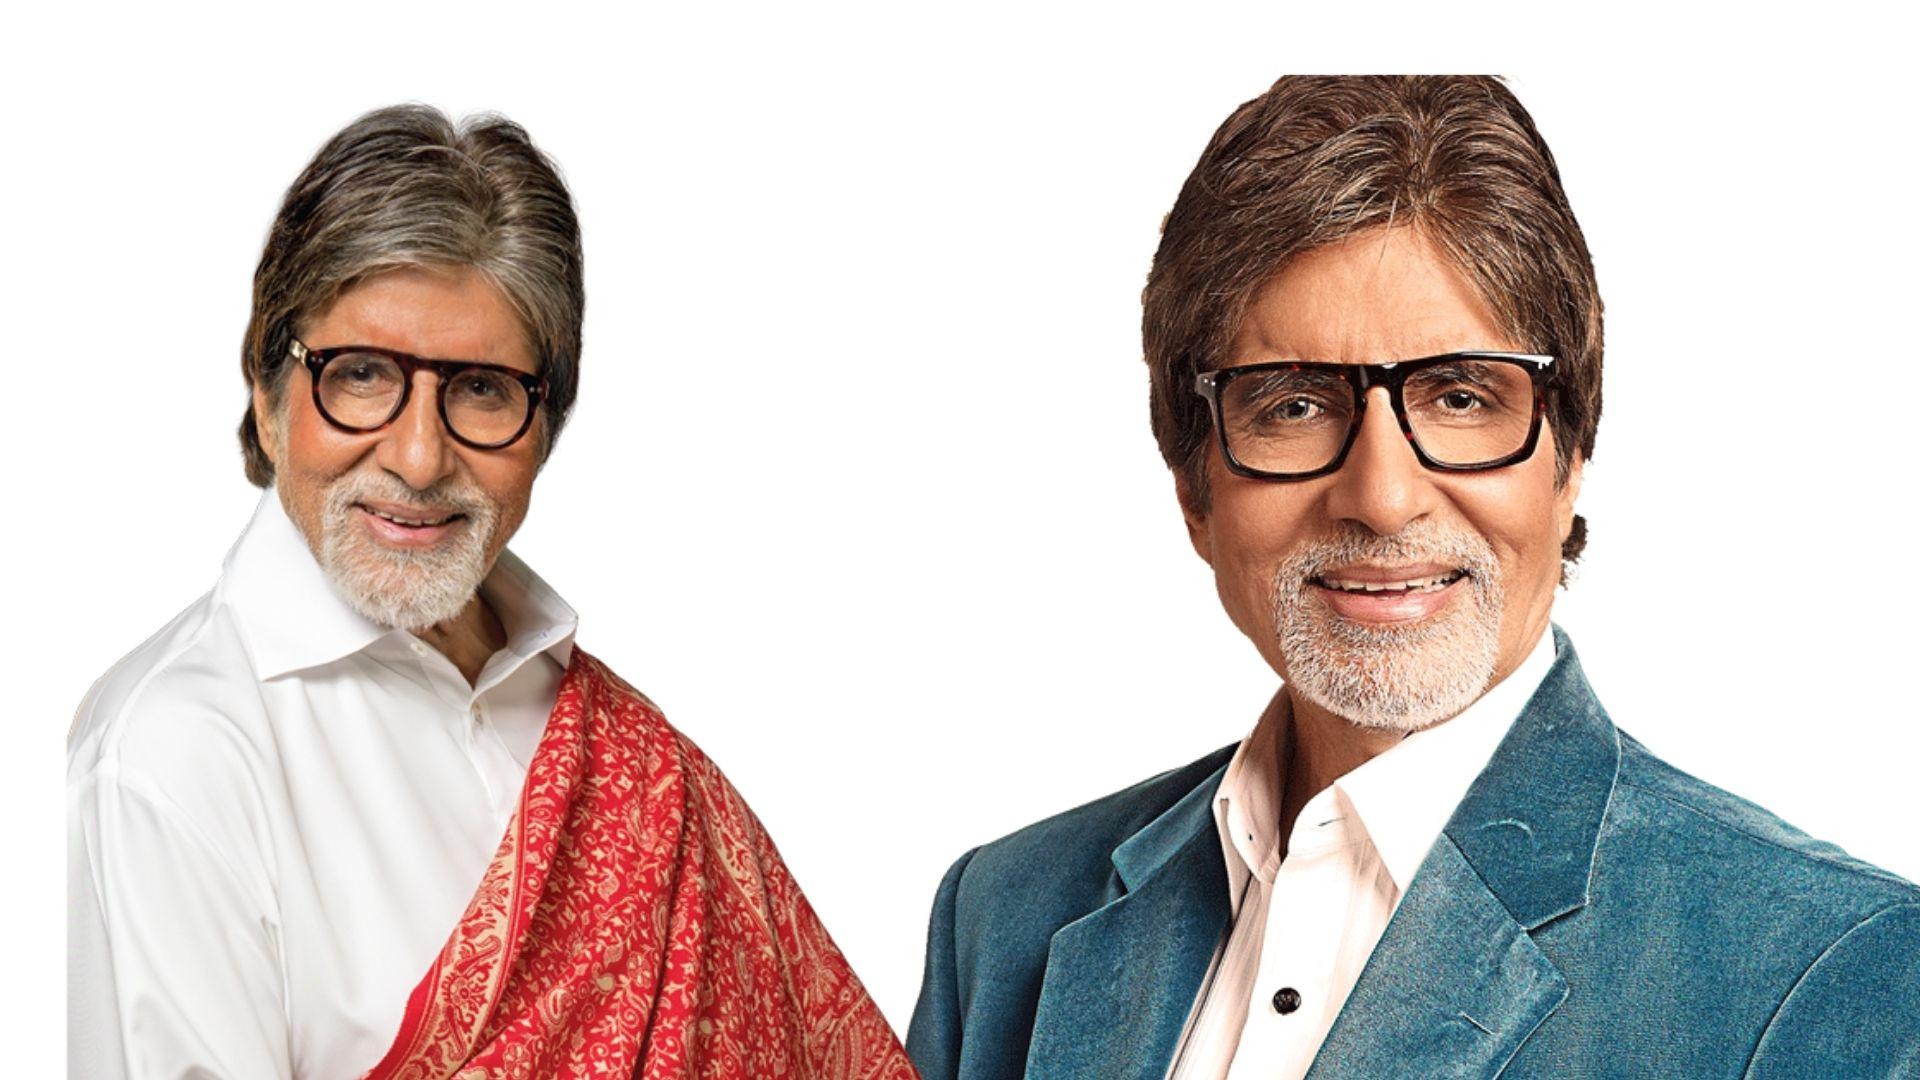 79 के हुए सदी के महानायक अमिताभ बच्चन, पढ़िए बिग बी की लाइफ की कुछ रोचक बातें